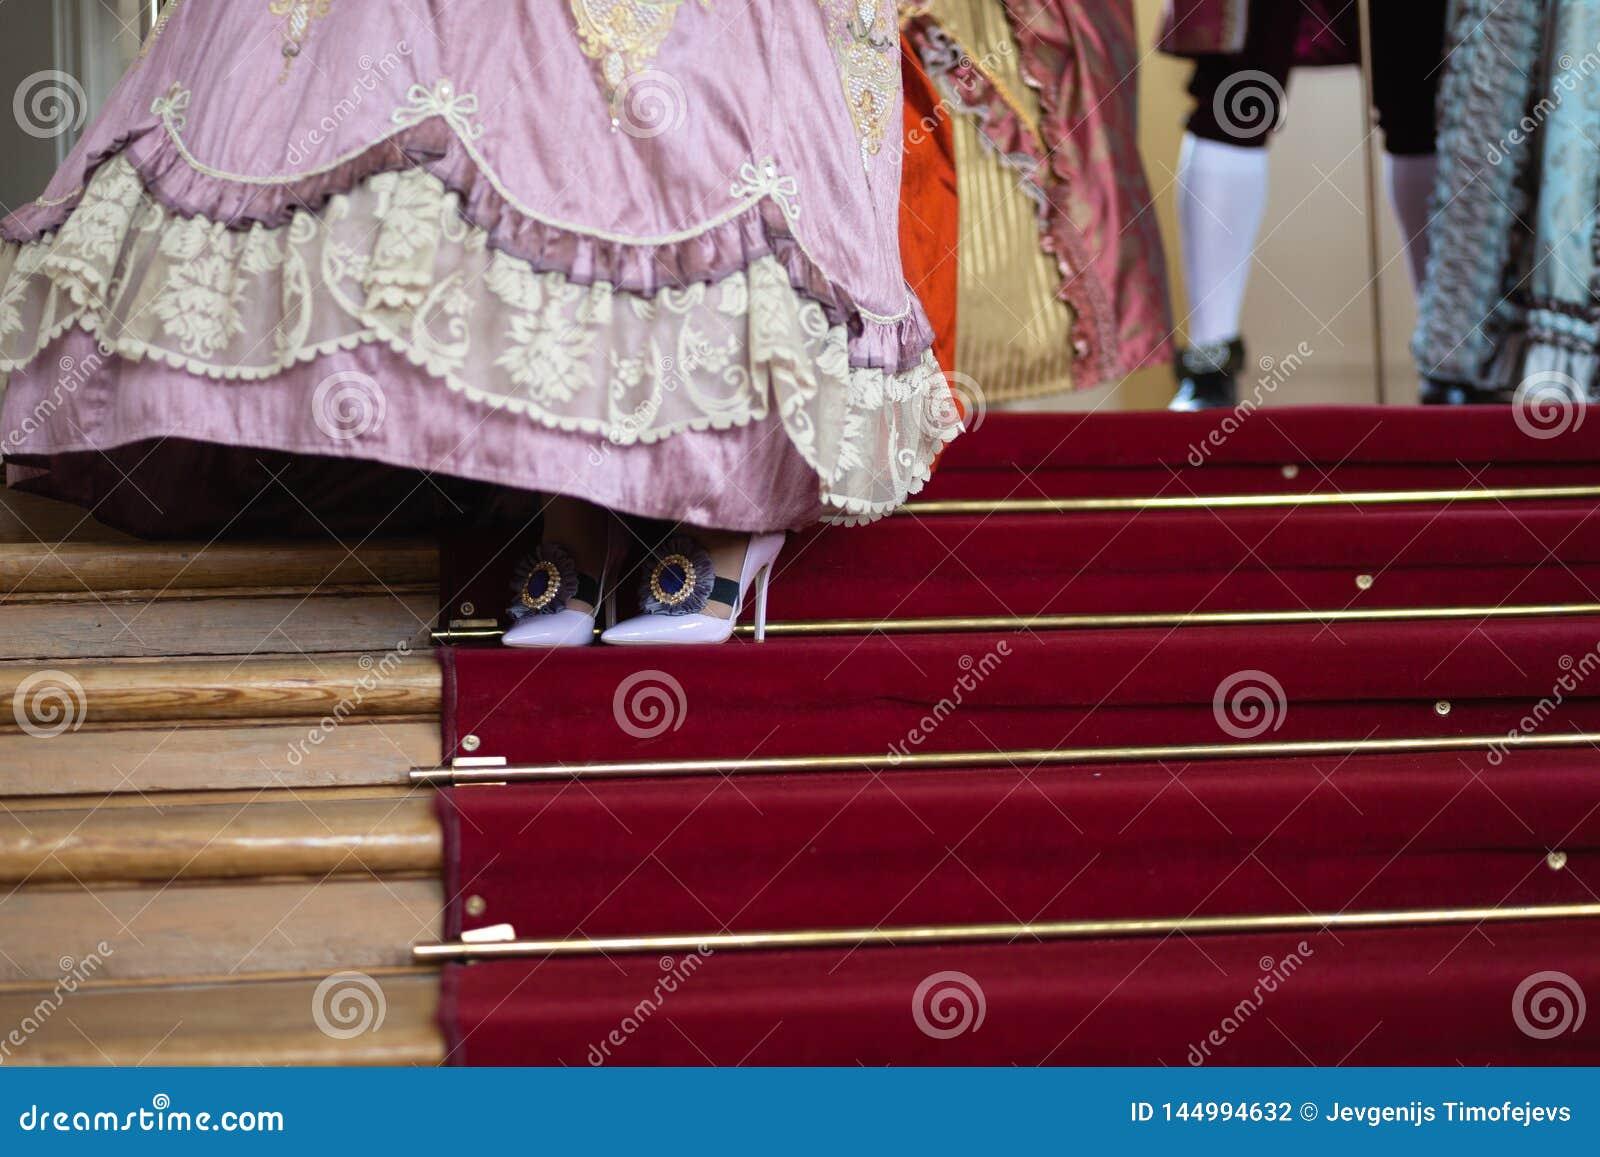 Schuhe - königlicher mittelalterlicher Ball des Retrostils - majestätischer Palast mit den herrlichen Leuten gekleidet in Köni